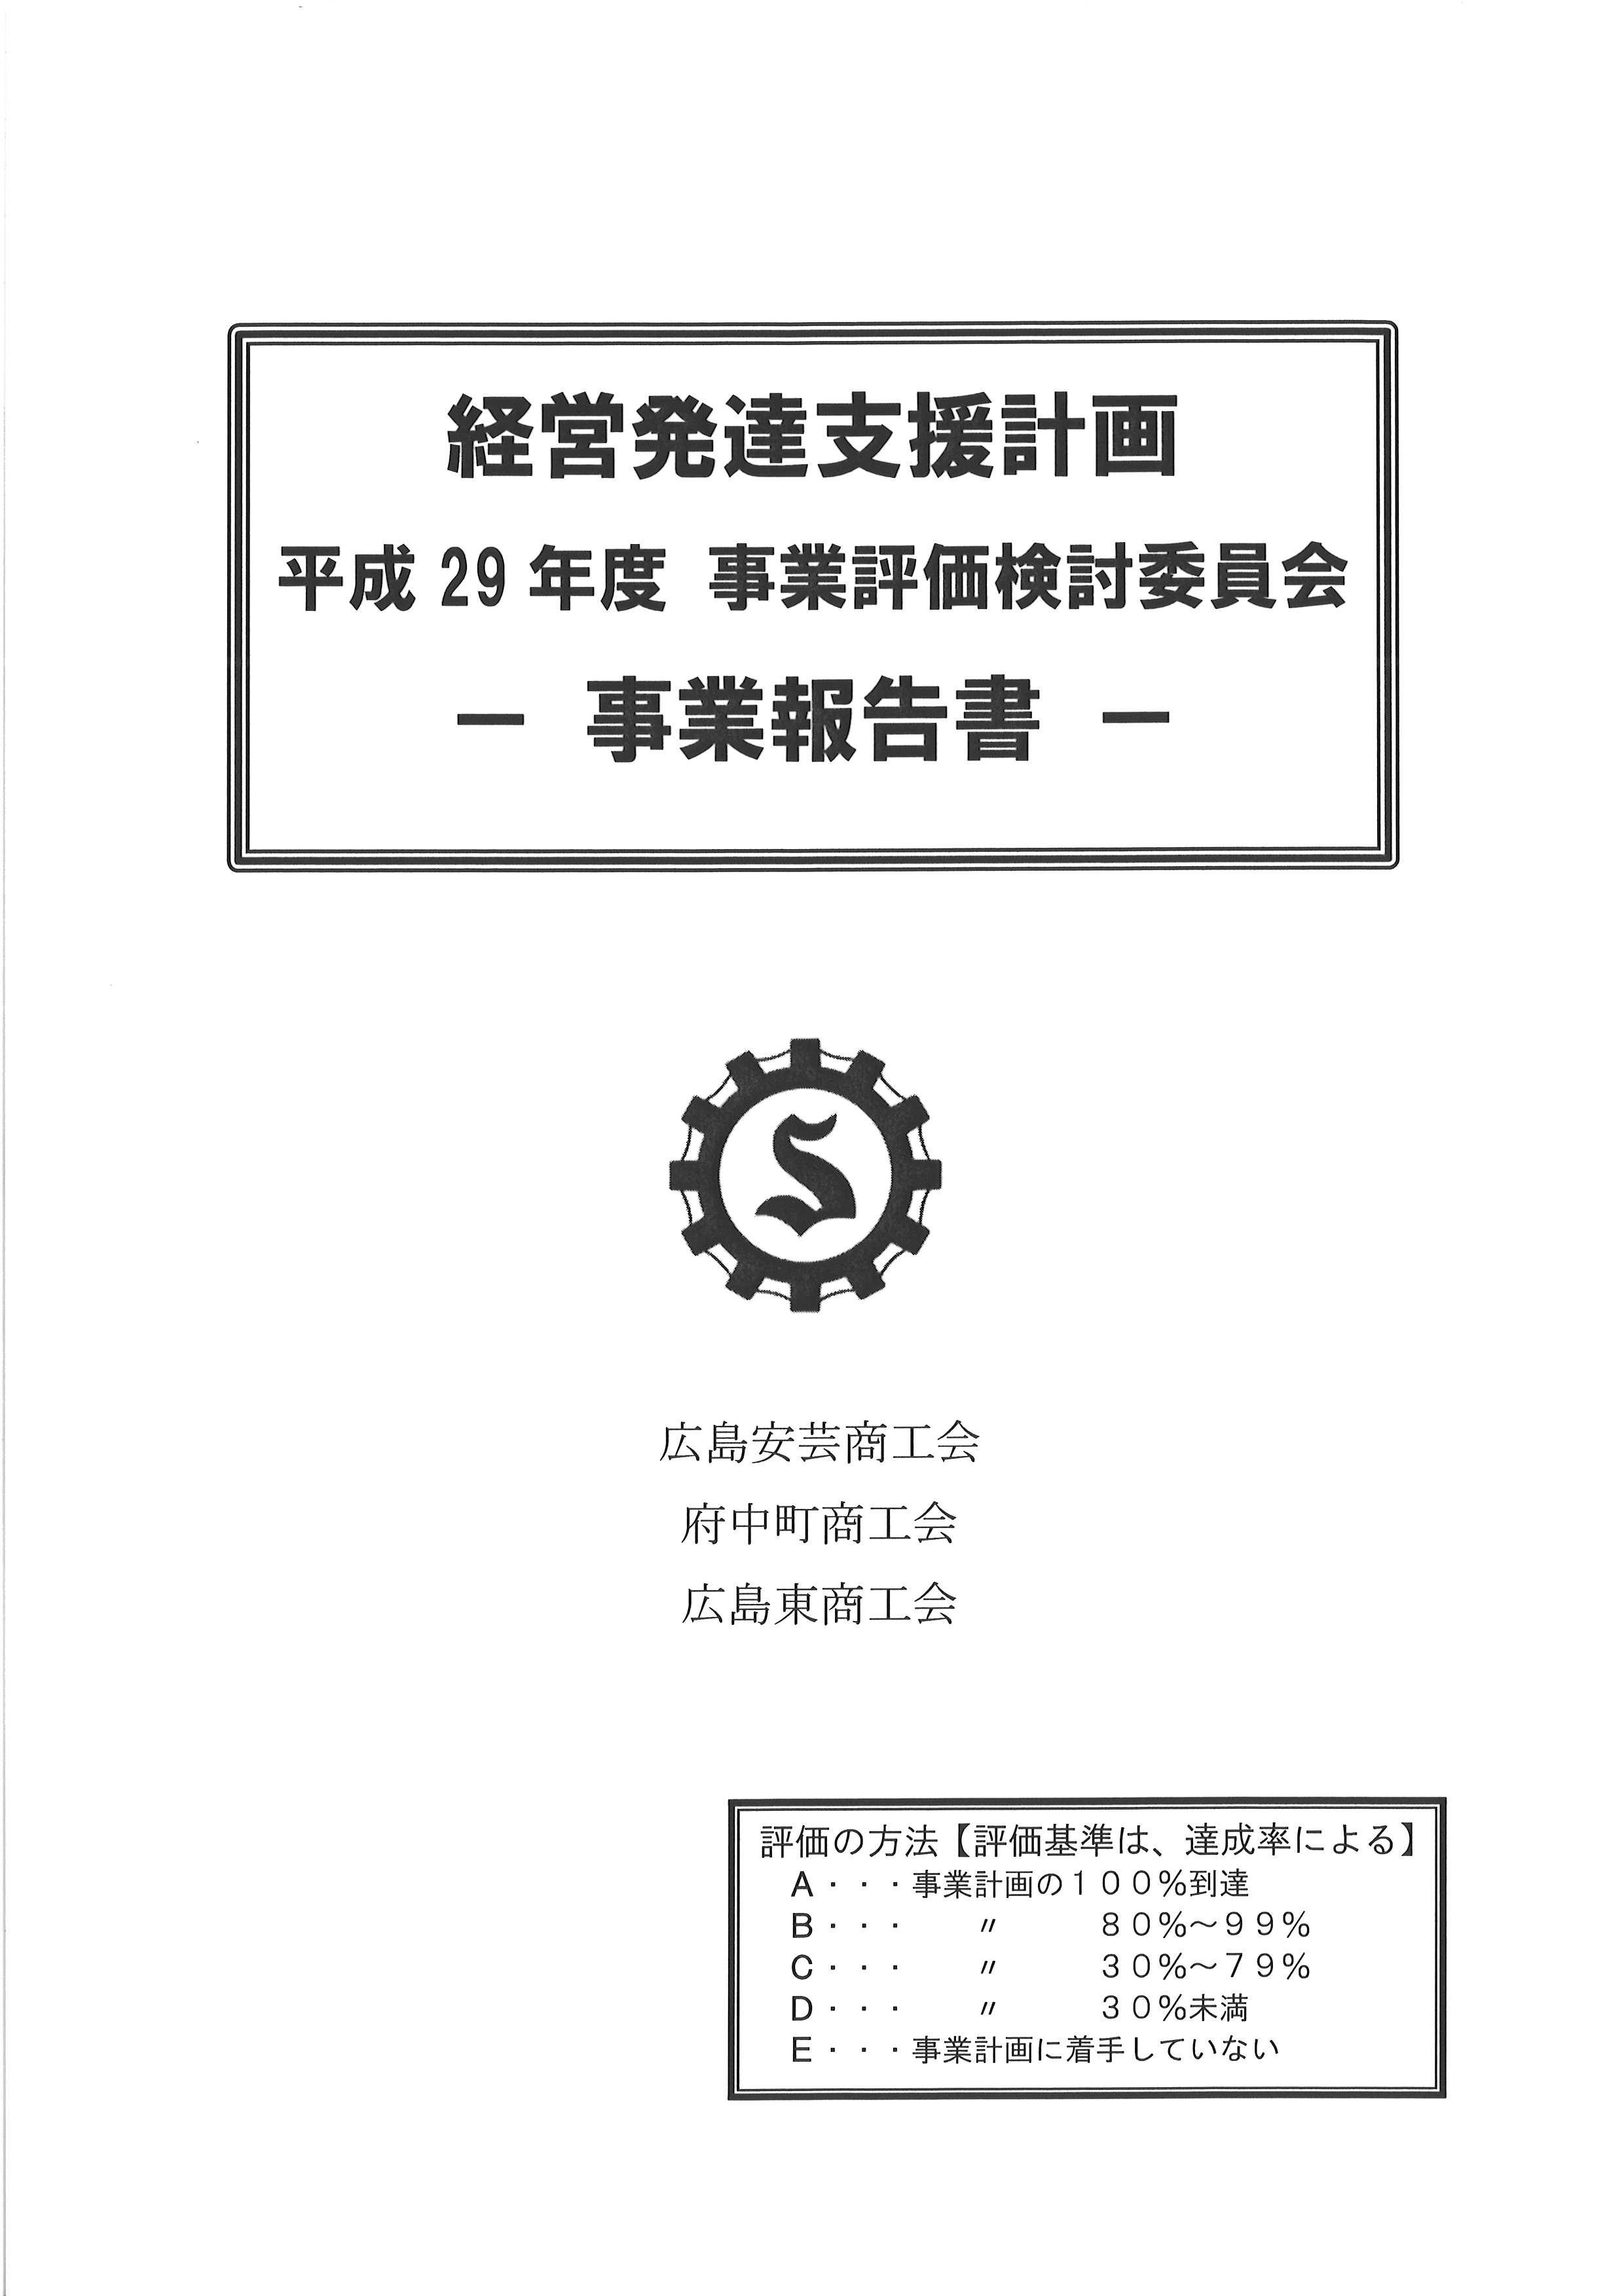 事業報告書を公開しています